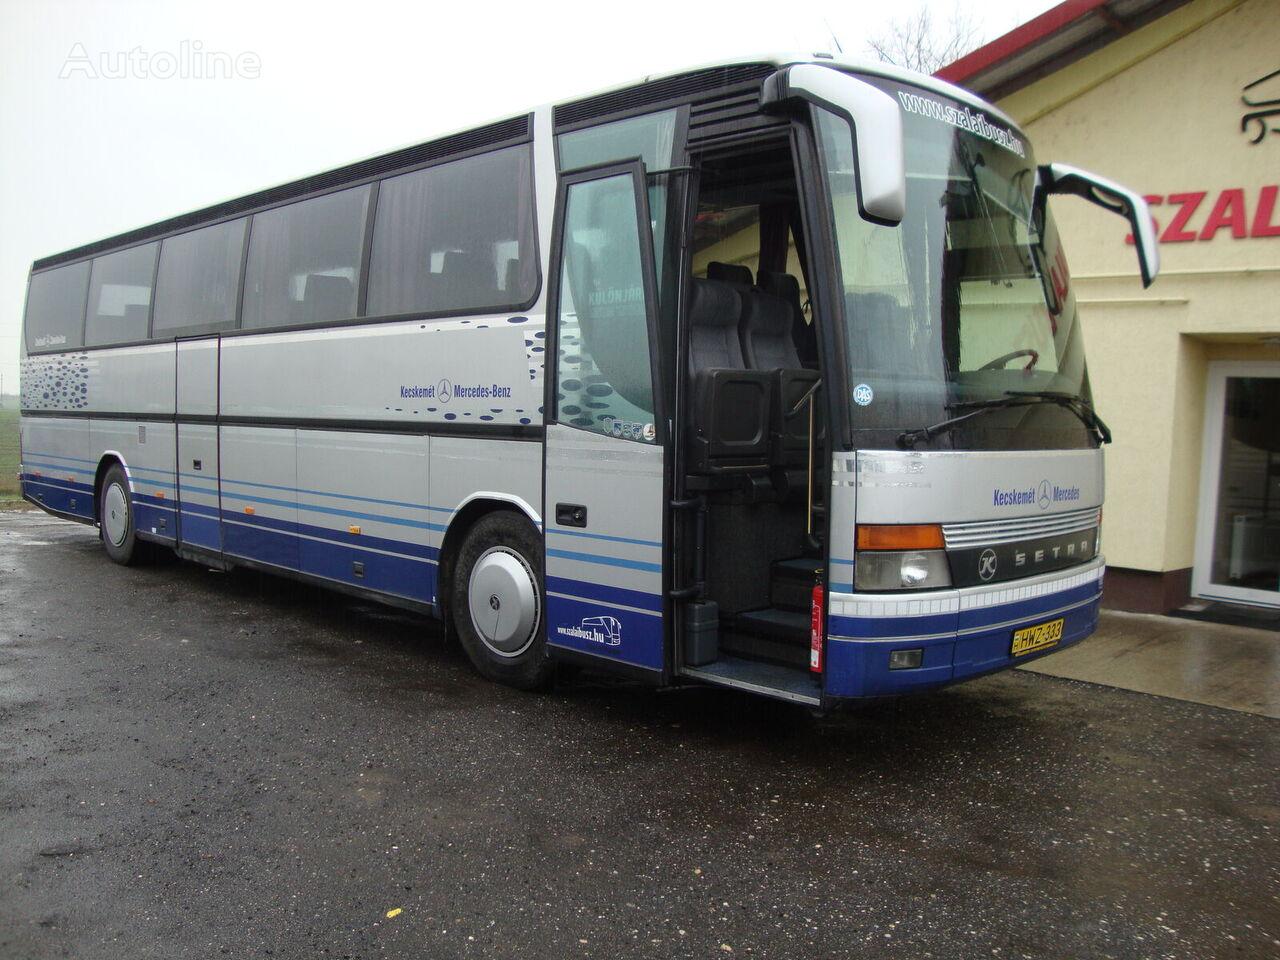 SETRA 315 HD coach bus